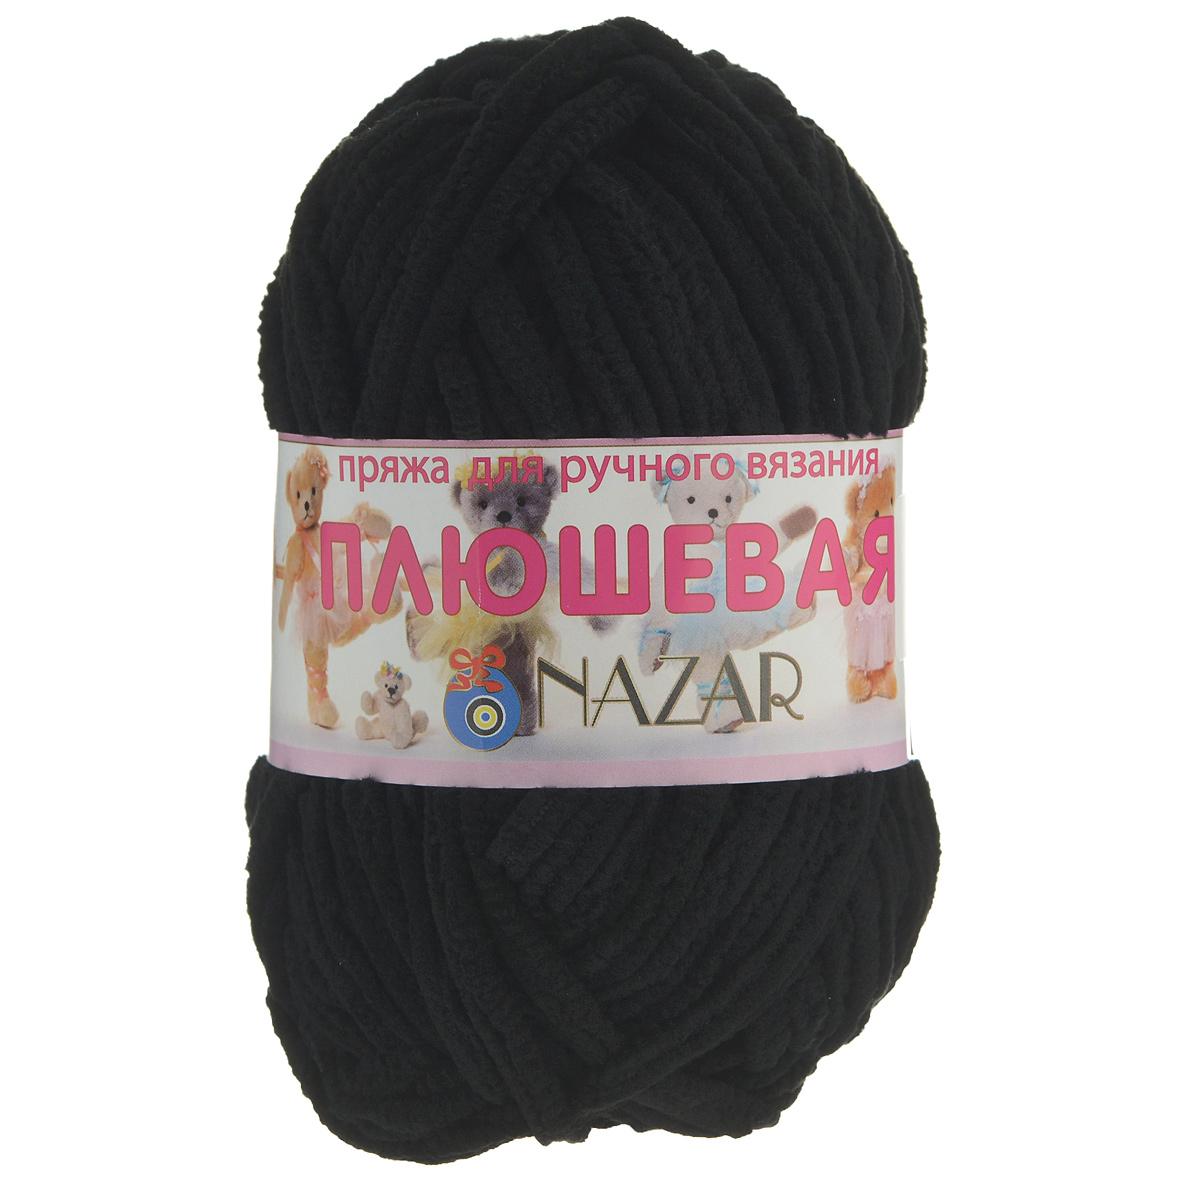 Пряжа для вязания Nazar Плюшевая, цвет: черный (7000), 38 м, 50 г, 10 шт349018_7000Пряжа для вязания Nazar Плюшевая изготовлена из 100% микрополиэстера. Ниточка очень мягкая, нежная, бархатистая, напоминает плюш. После стирки не линяет. Пряжа идеально подойдет для вязания детской верхней одежды, игрушек и аксессуаров для дома (подушек, пледов, ковриков). Вязание получается рыхлым и состоящим из бугорков, что имитирует кудрявый мех. Рекомендуемый размер крючка и спиц - 6 мм. Состав: 100% микрополиэстер. Комплектация: 10 шт. Ширина нити: 5 мм.